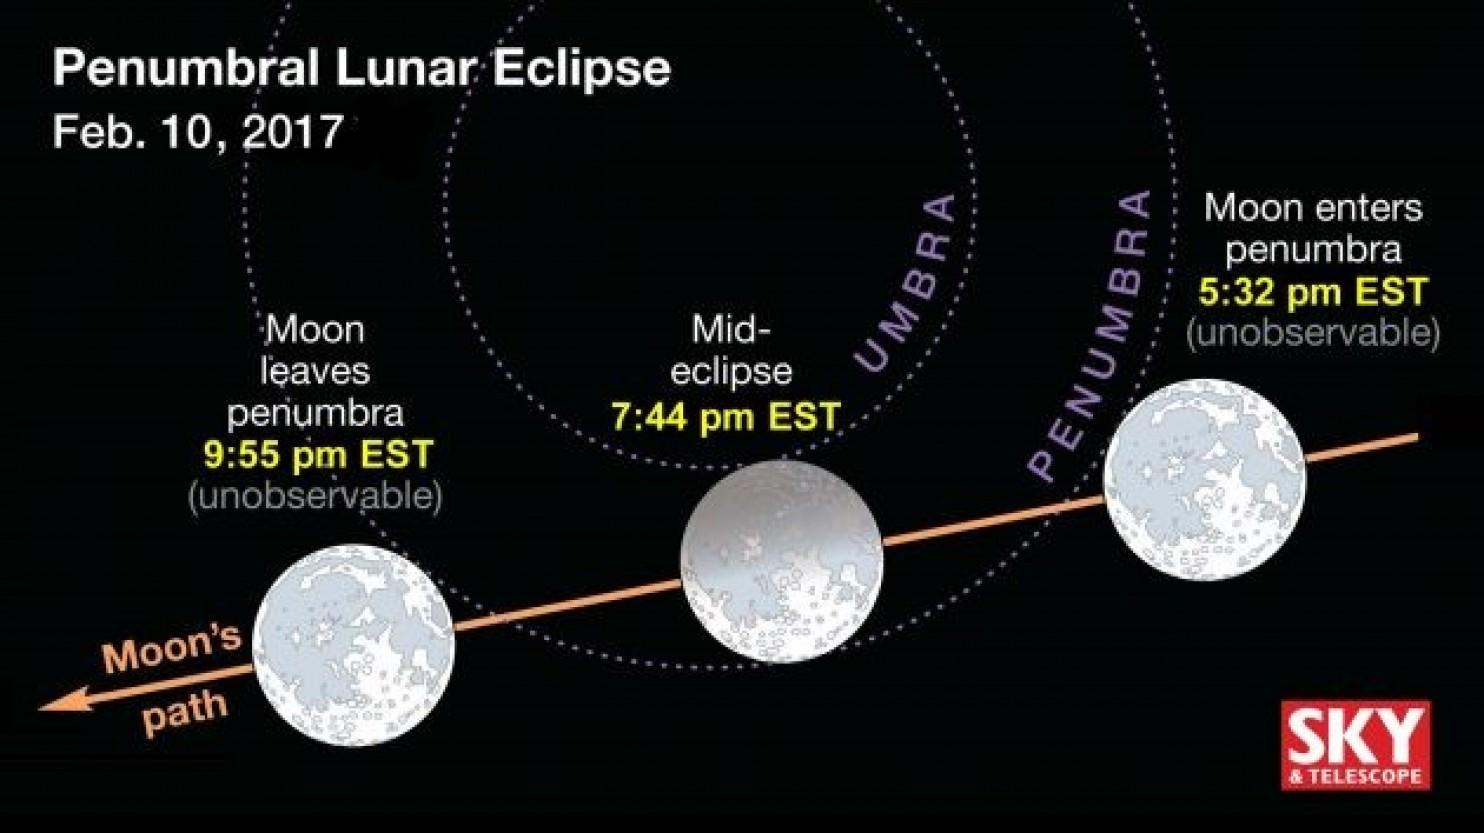 پدیده امشب و بامداد فردا، ماه برفی نام دارد